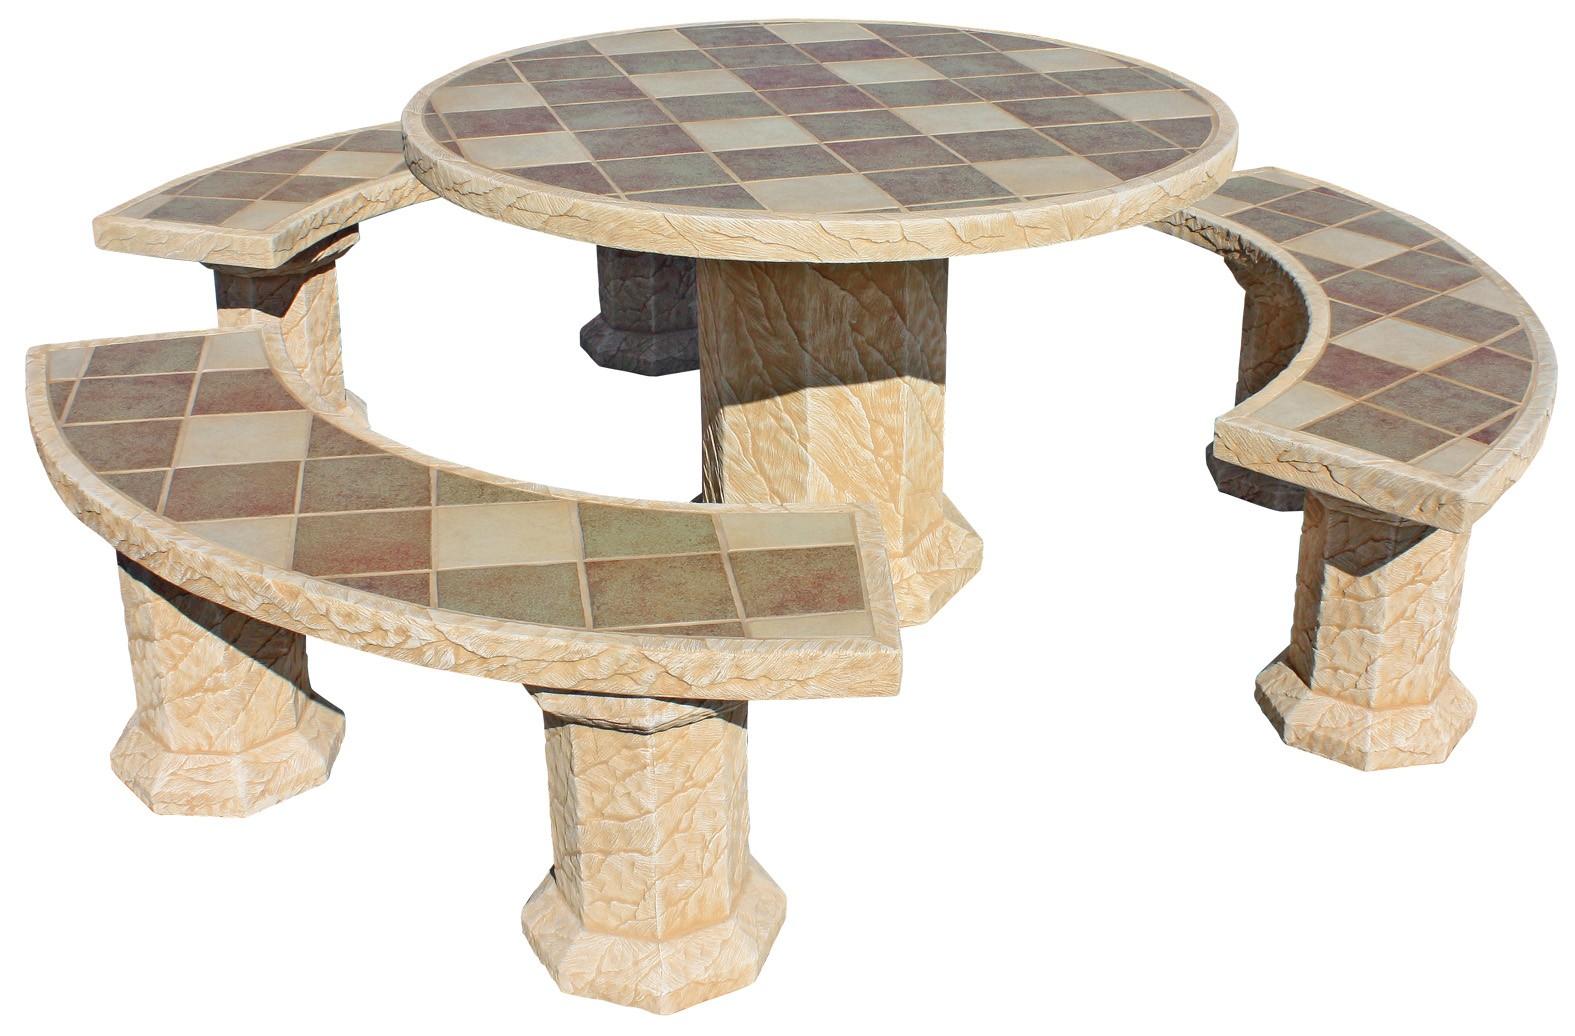 Mesa de jardin redonda senior con azulejos gres ocre for Fuentes jardin baratas